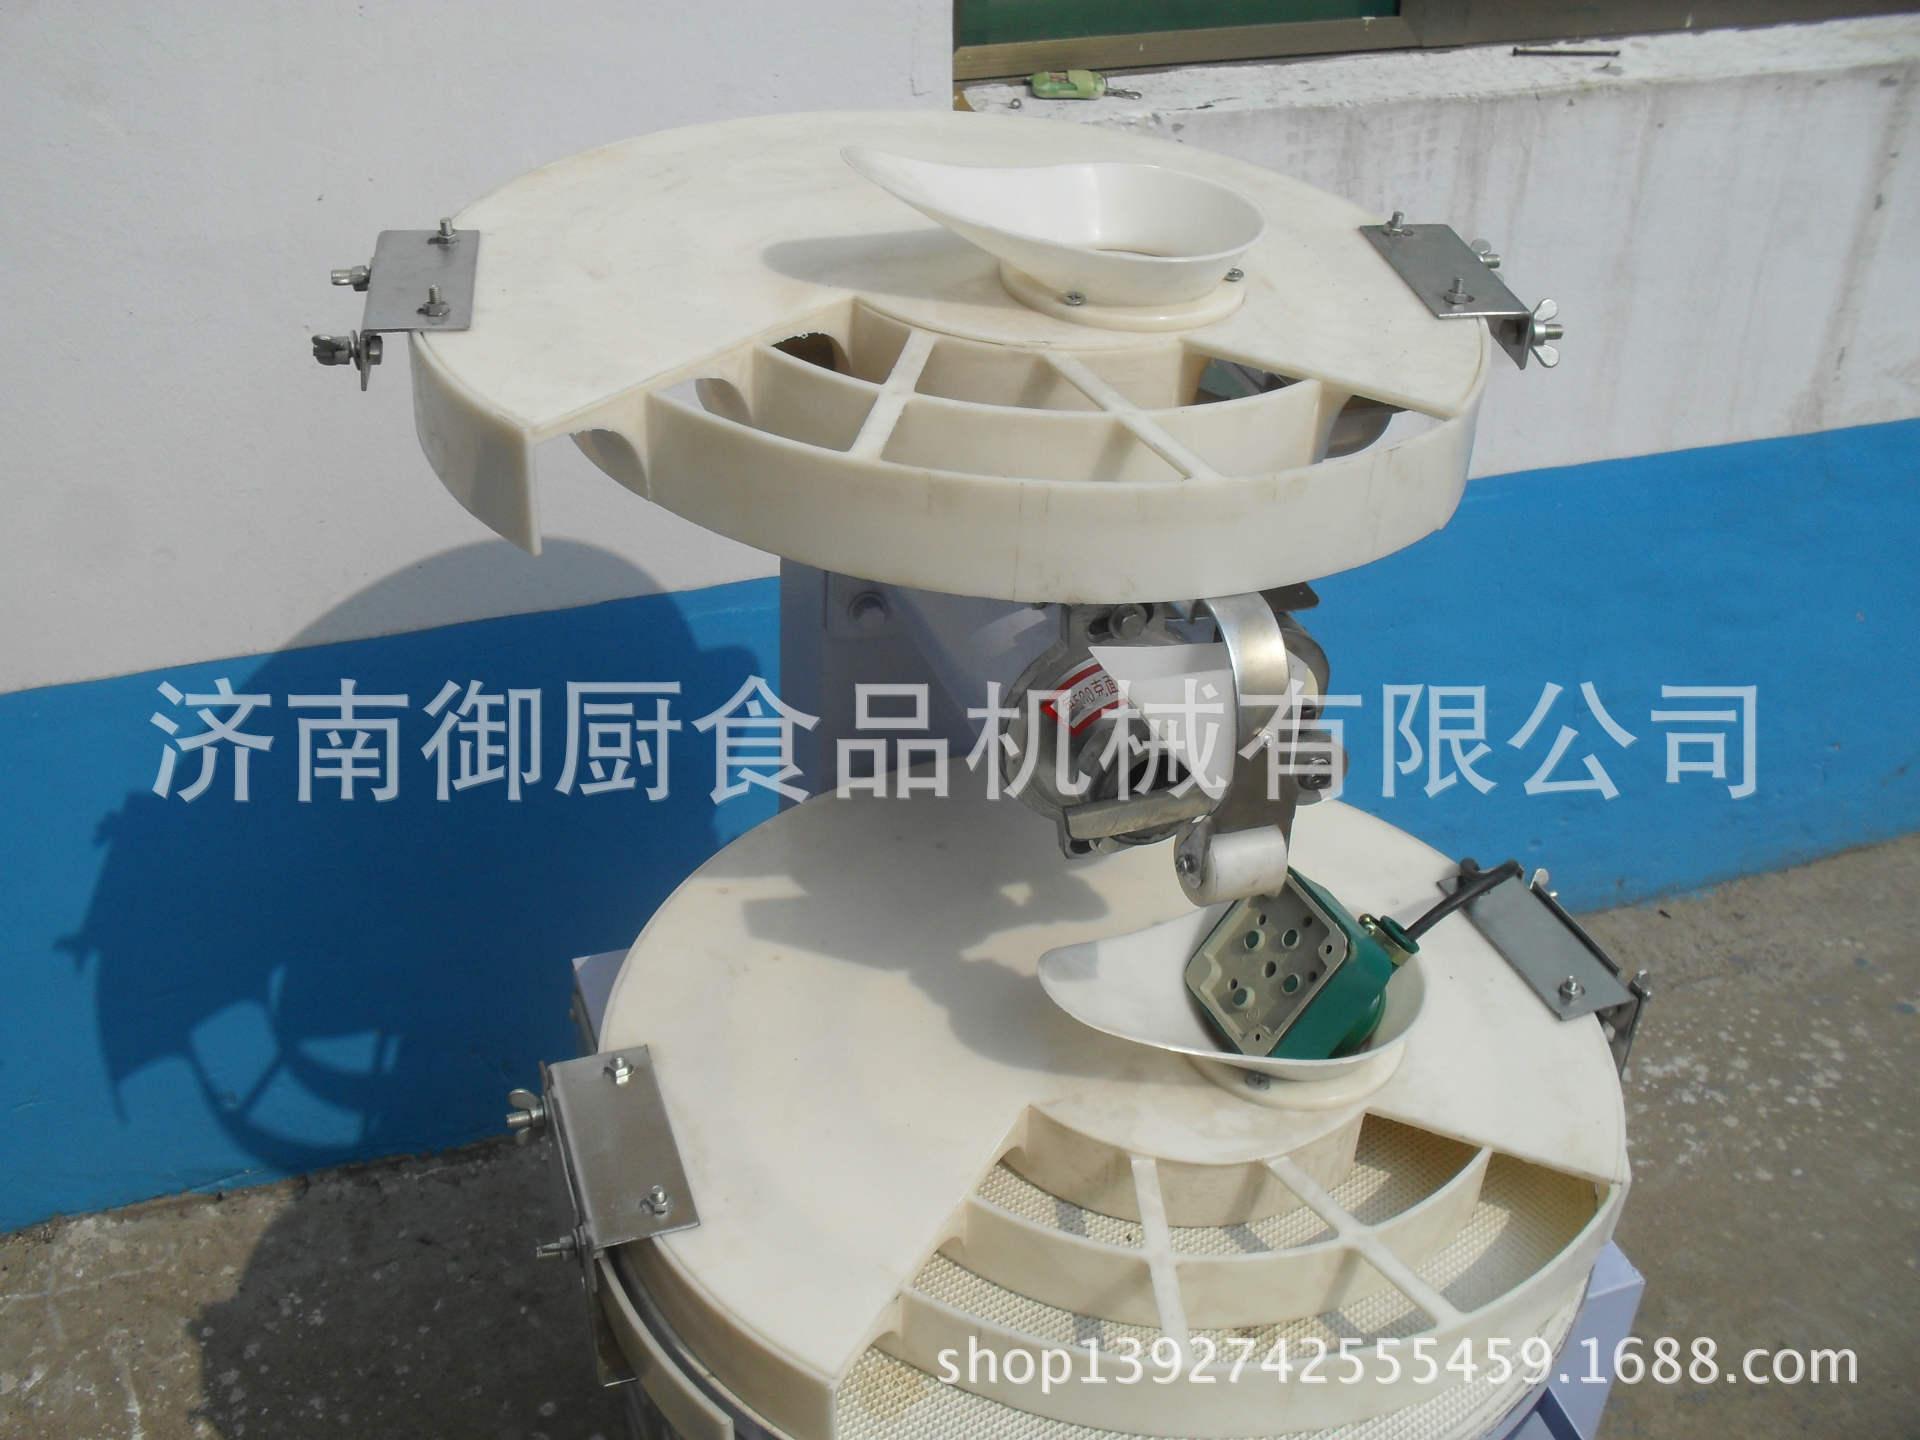 供应小型馒头机 盘式馒头机 30馒头机 厂家直销 批发